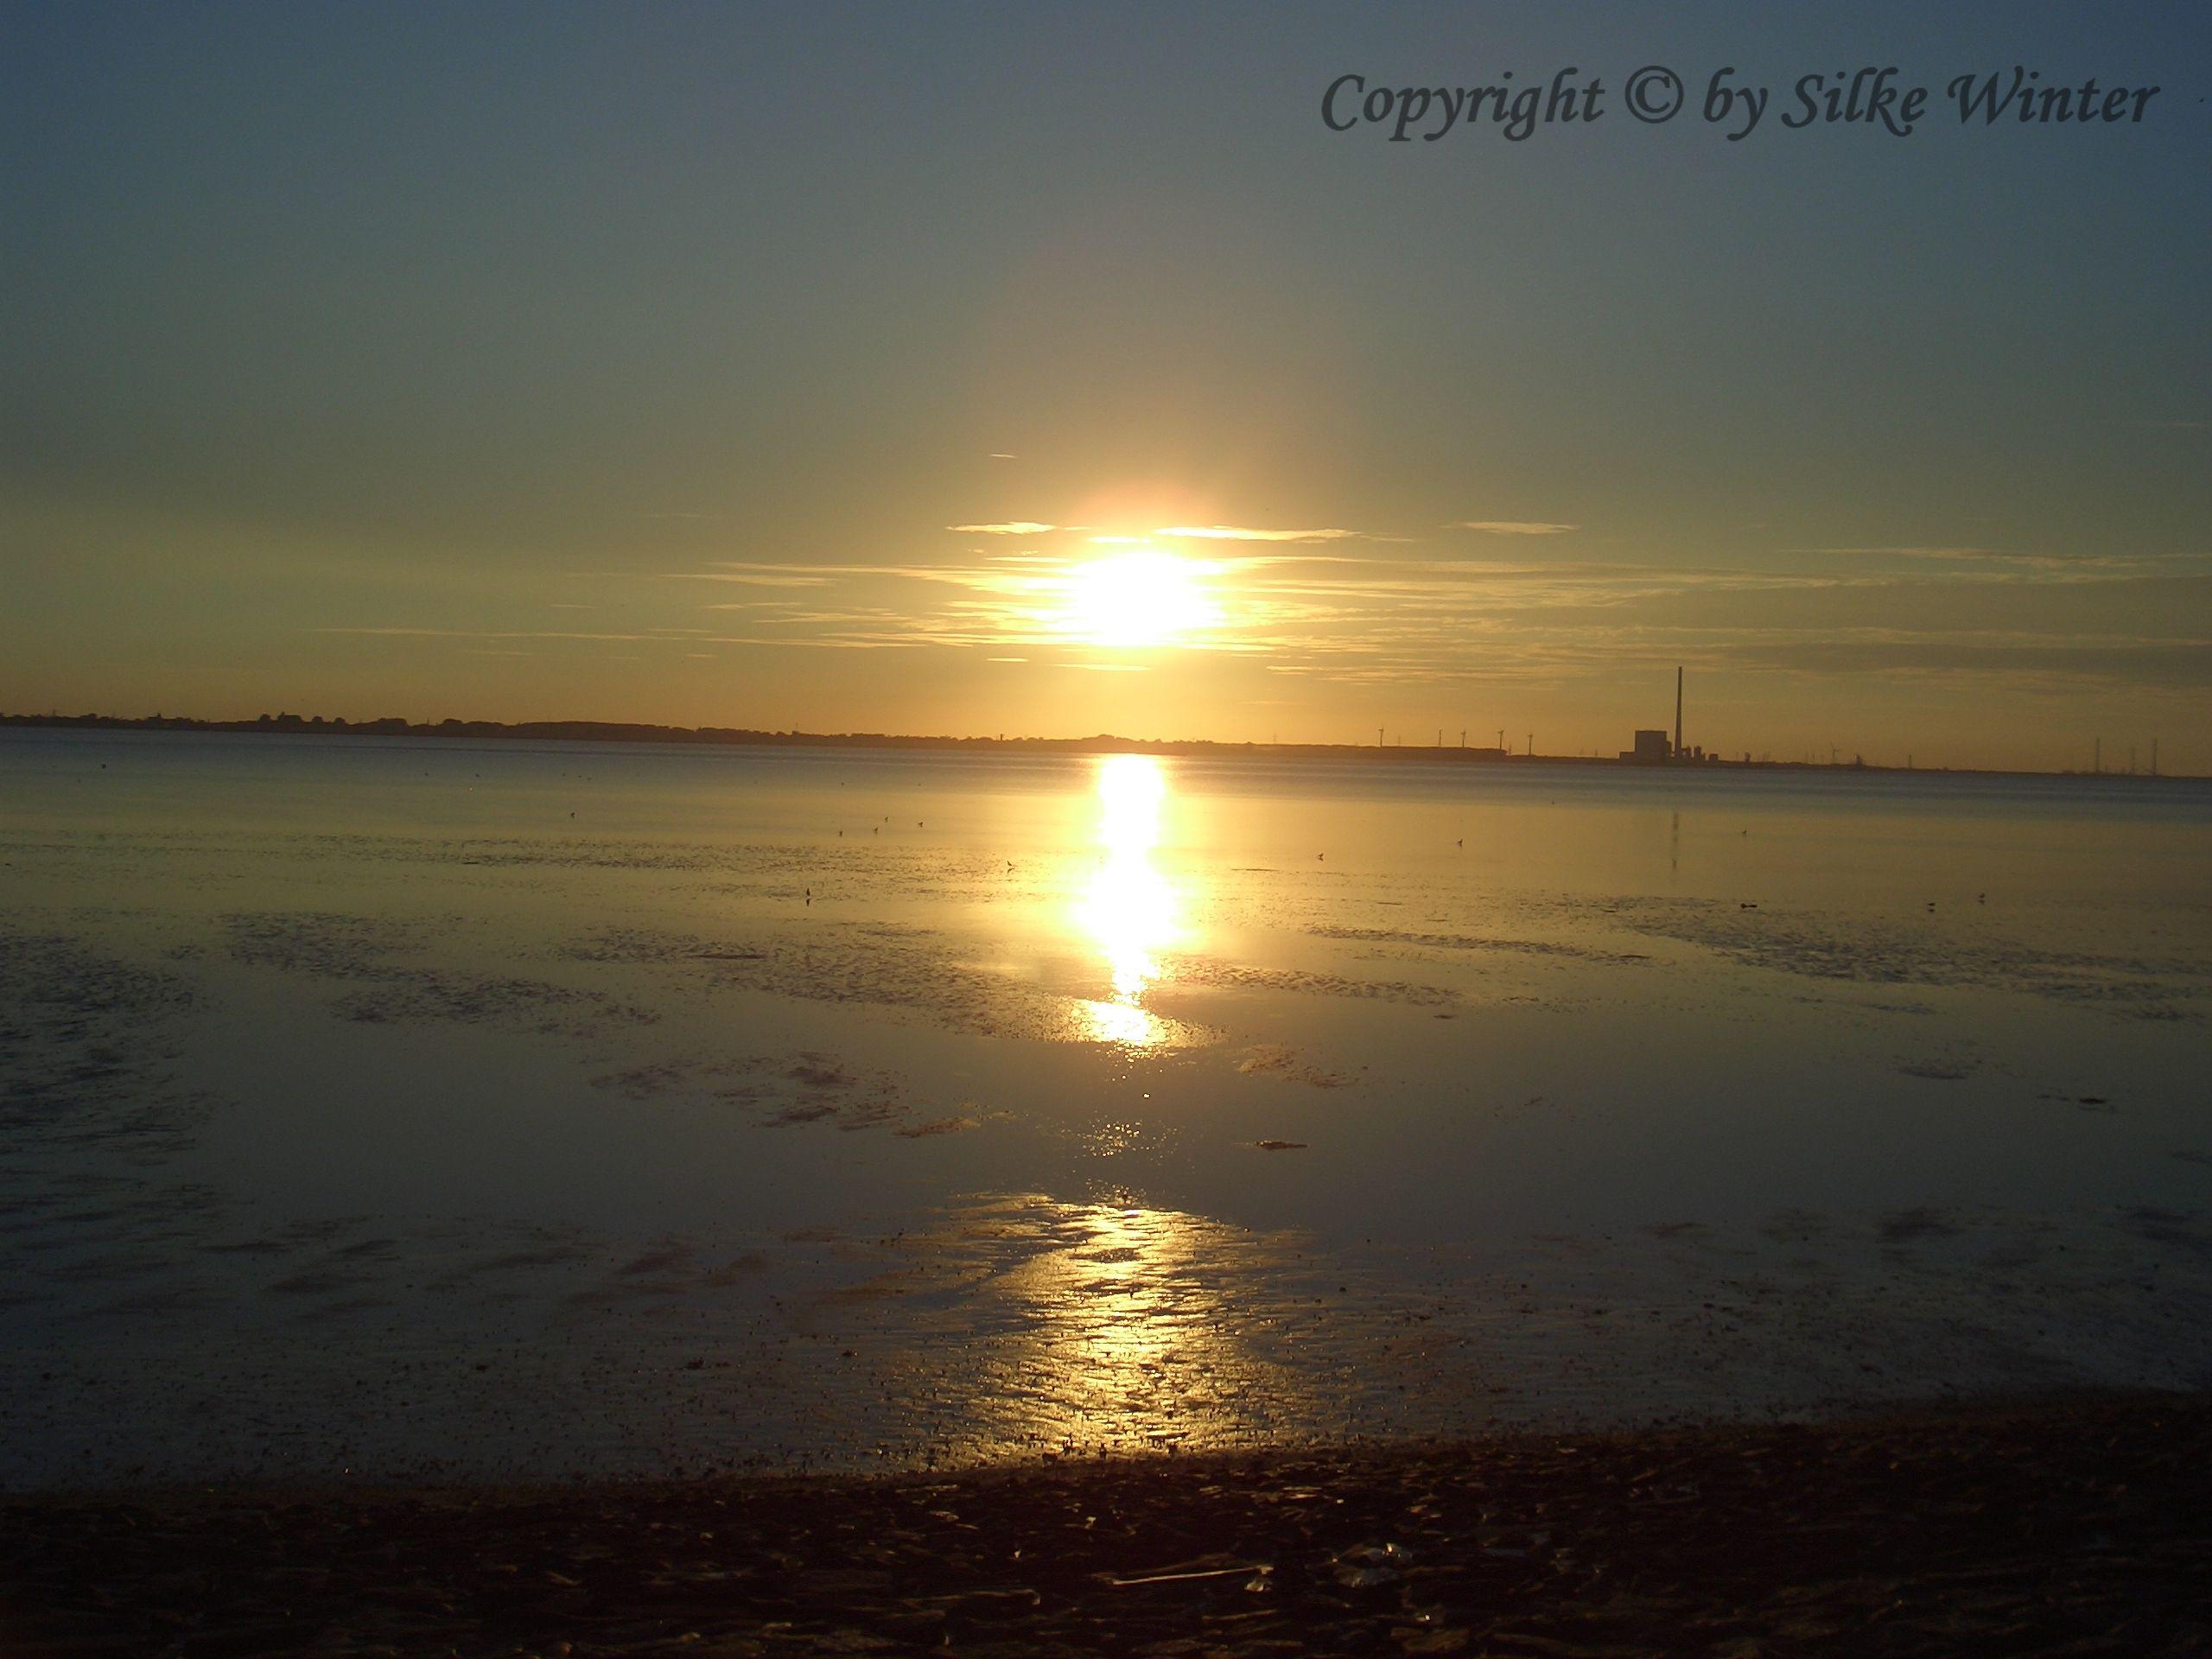 Sonnenuntergang an der Nordsee --- Copyright © by Silke Winter    www.natur-aufnahme.de